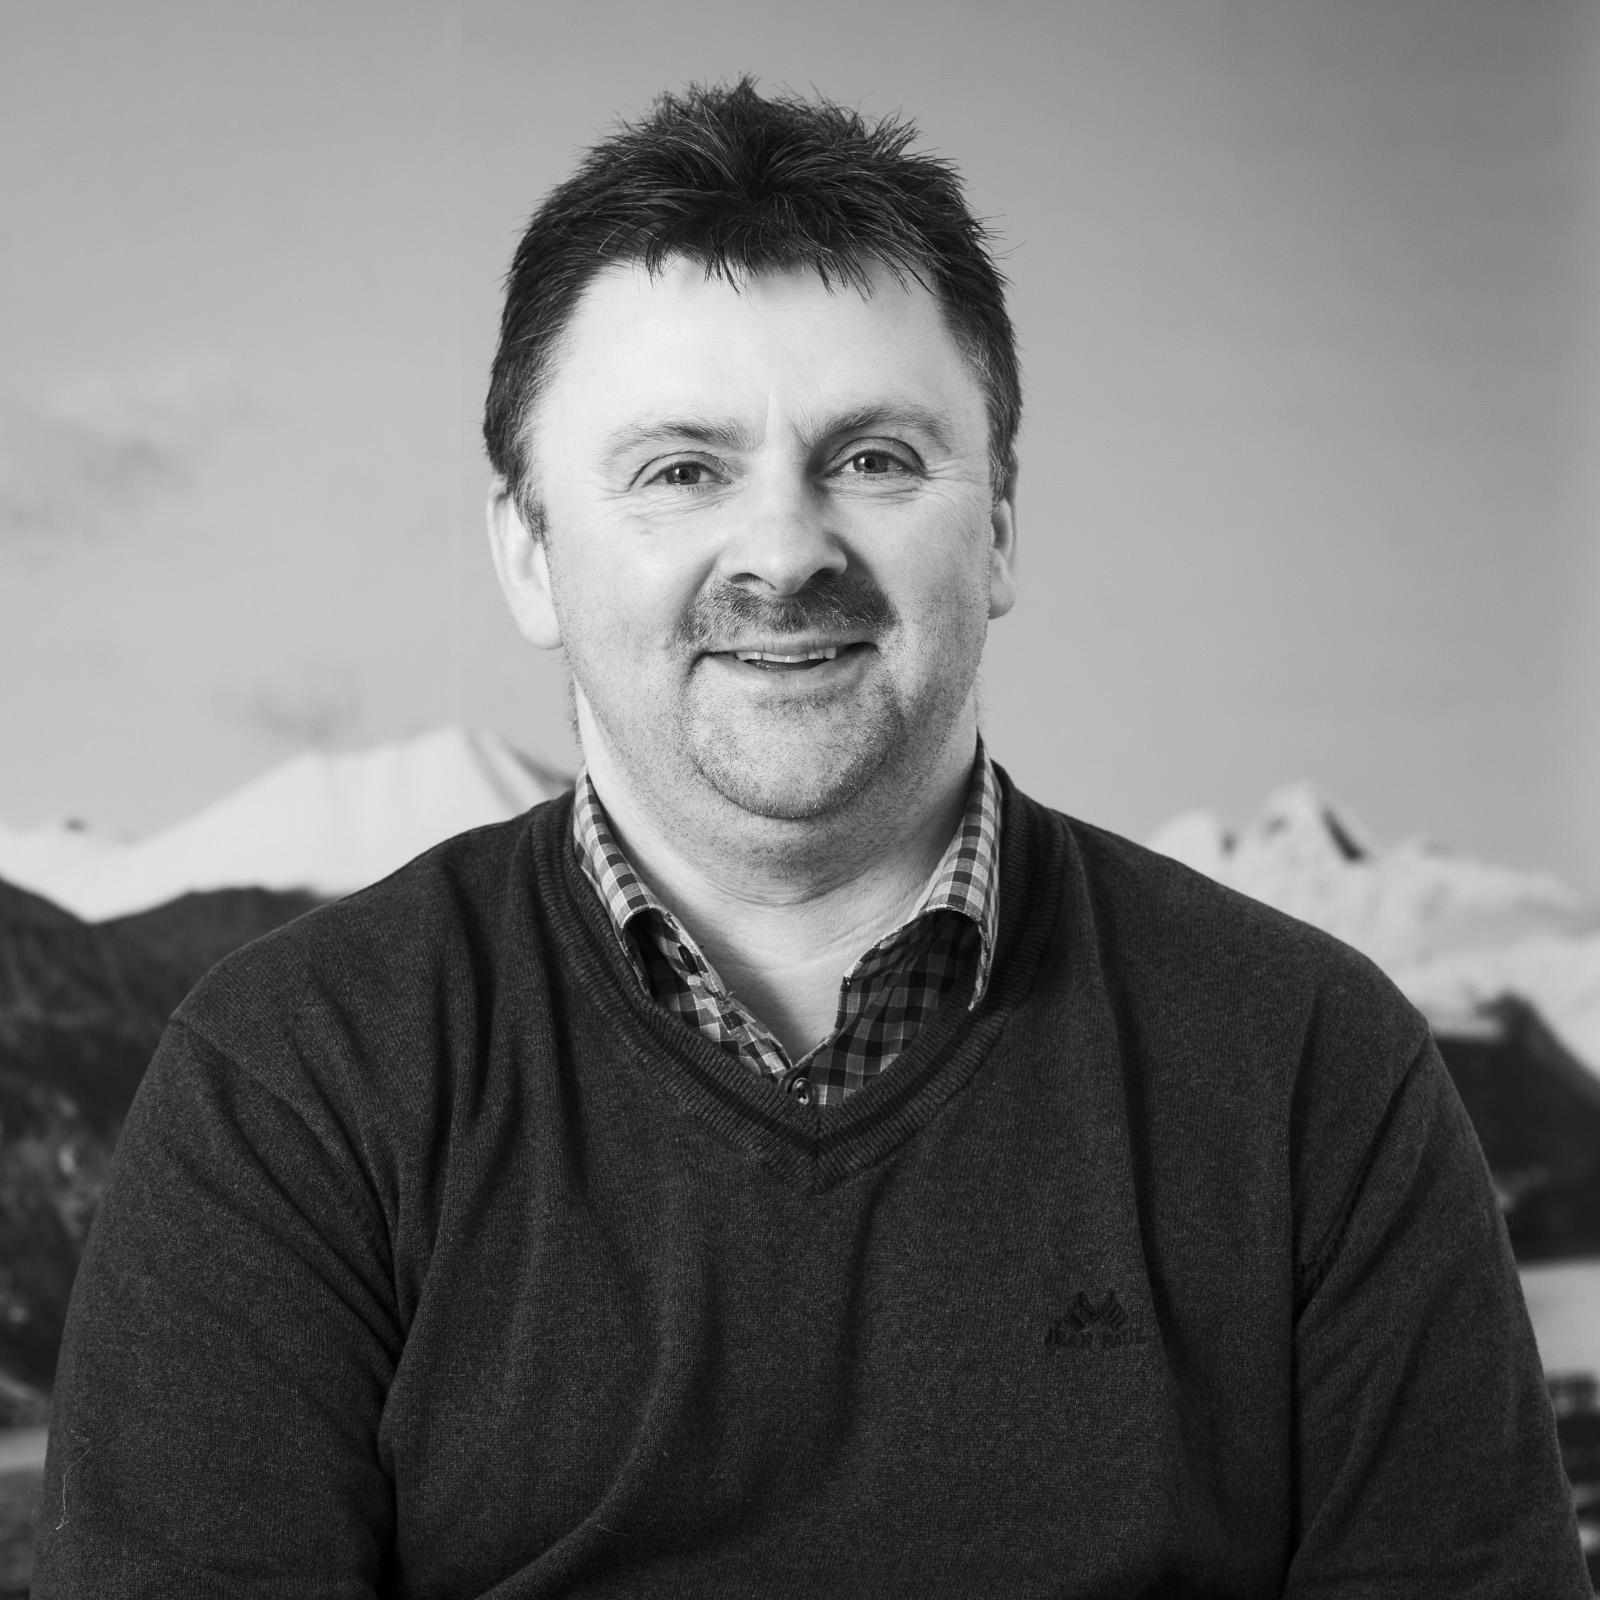 Karl A. Hanssen